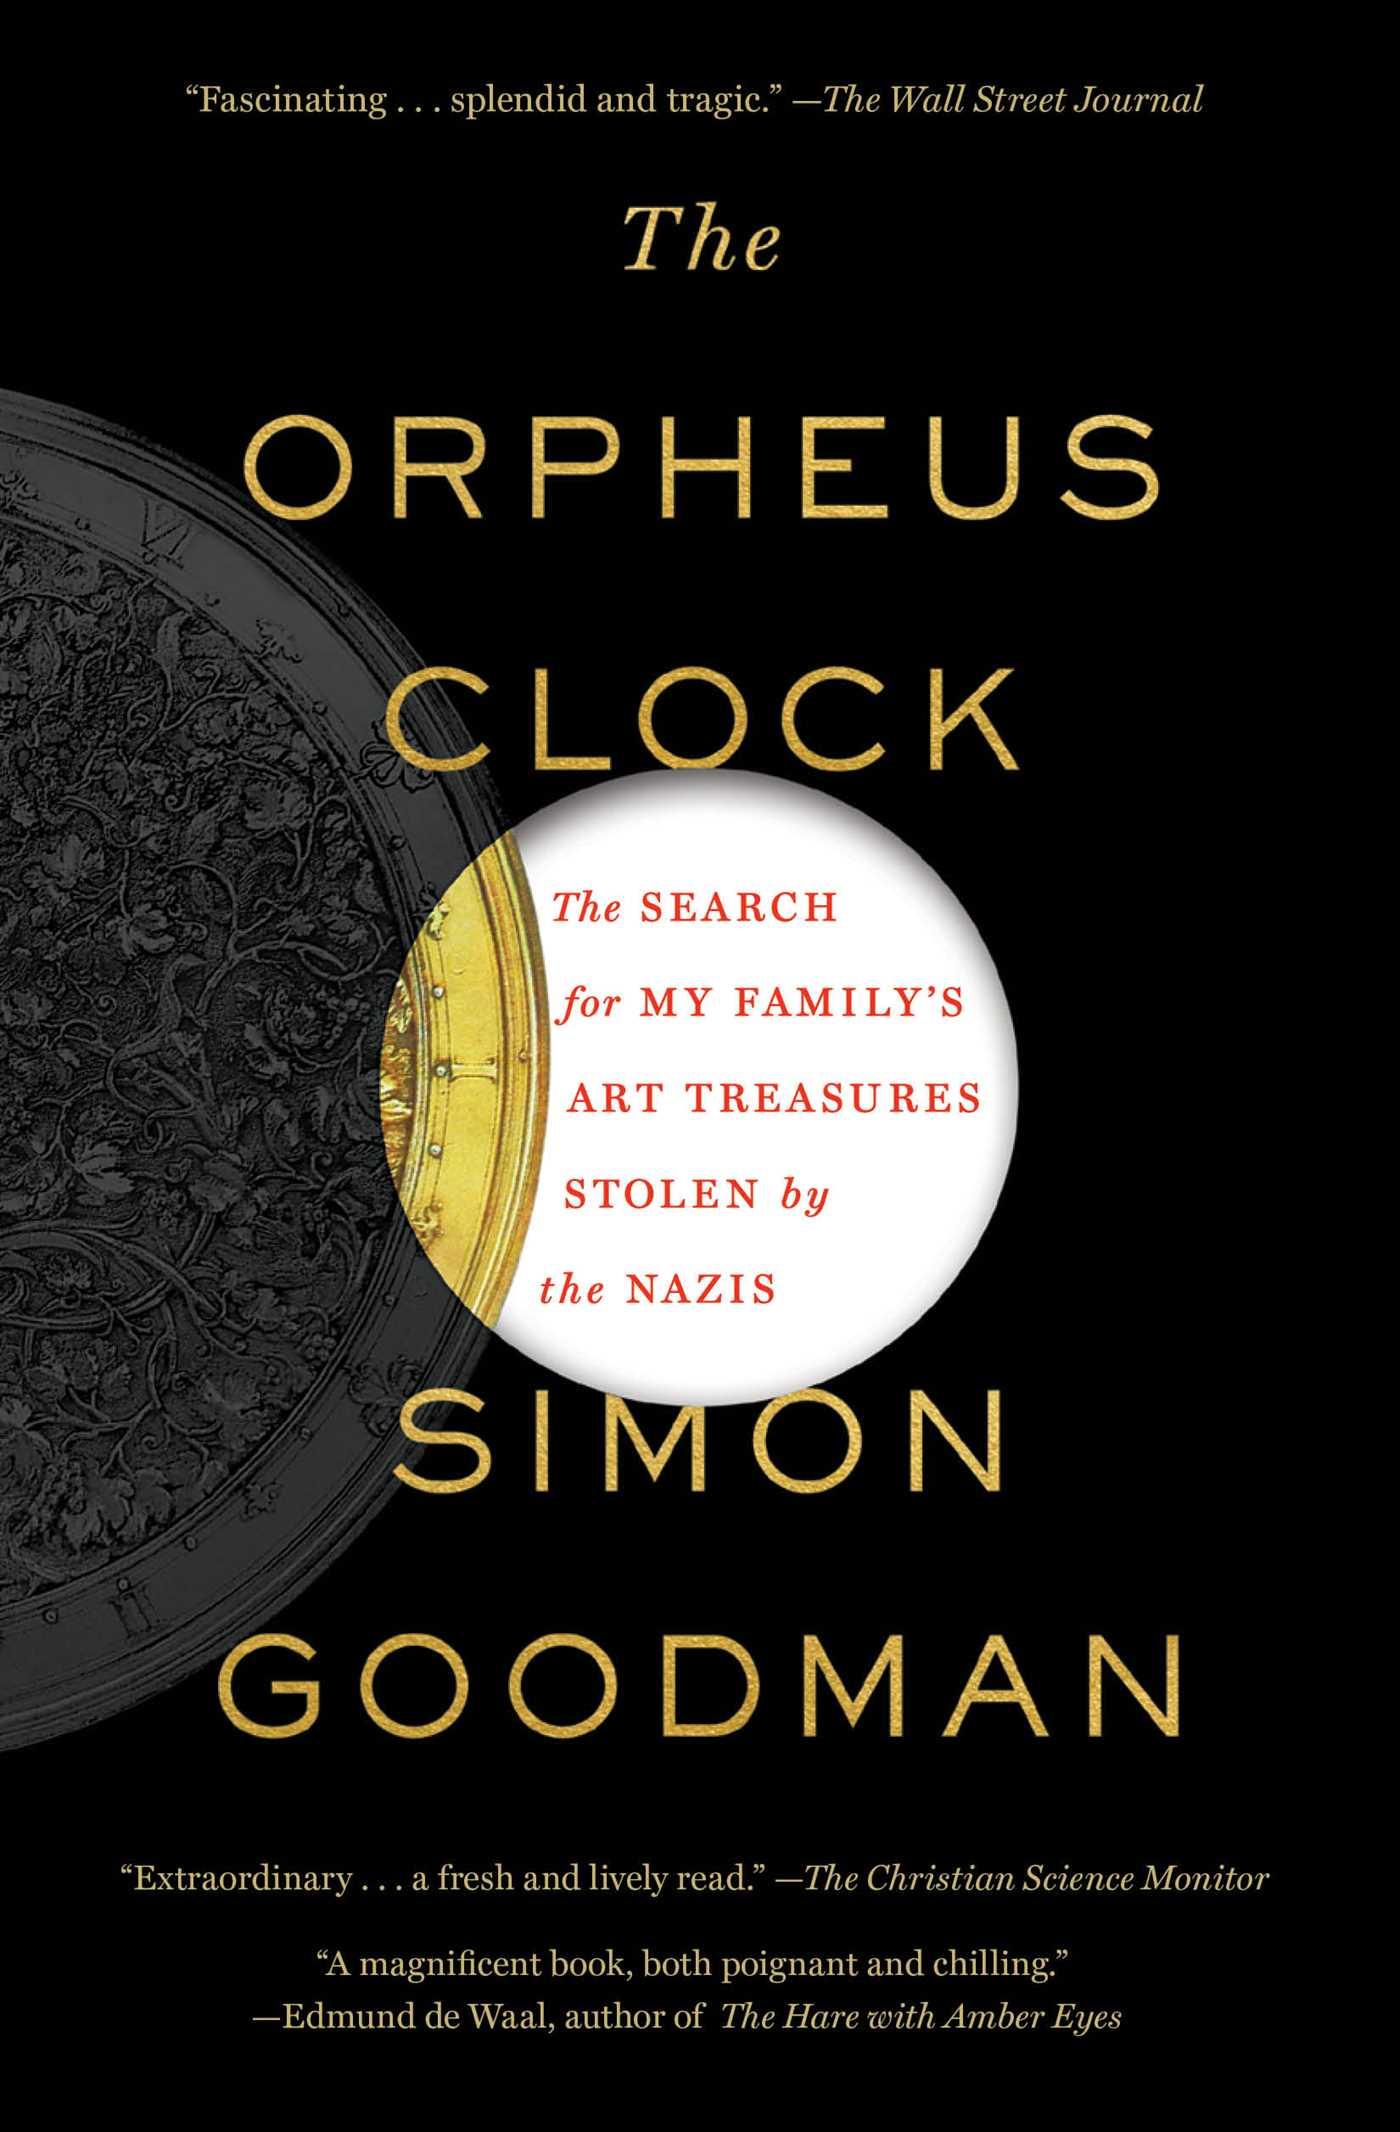 The orpheus clock 9781451697643 hr